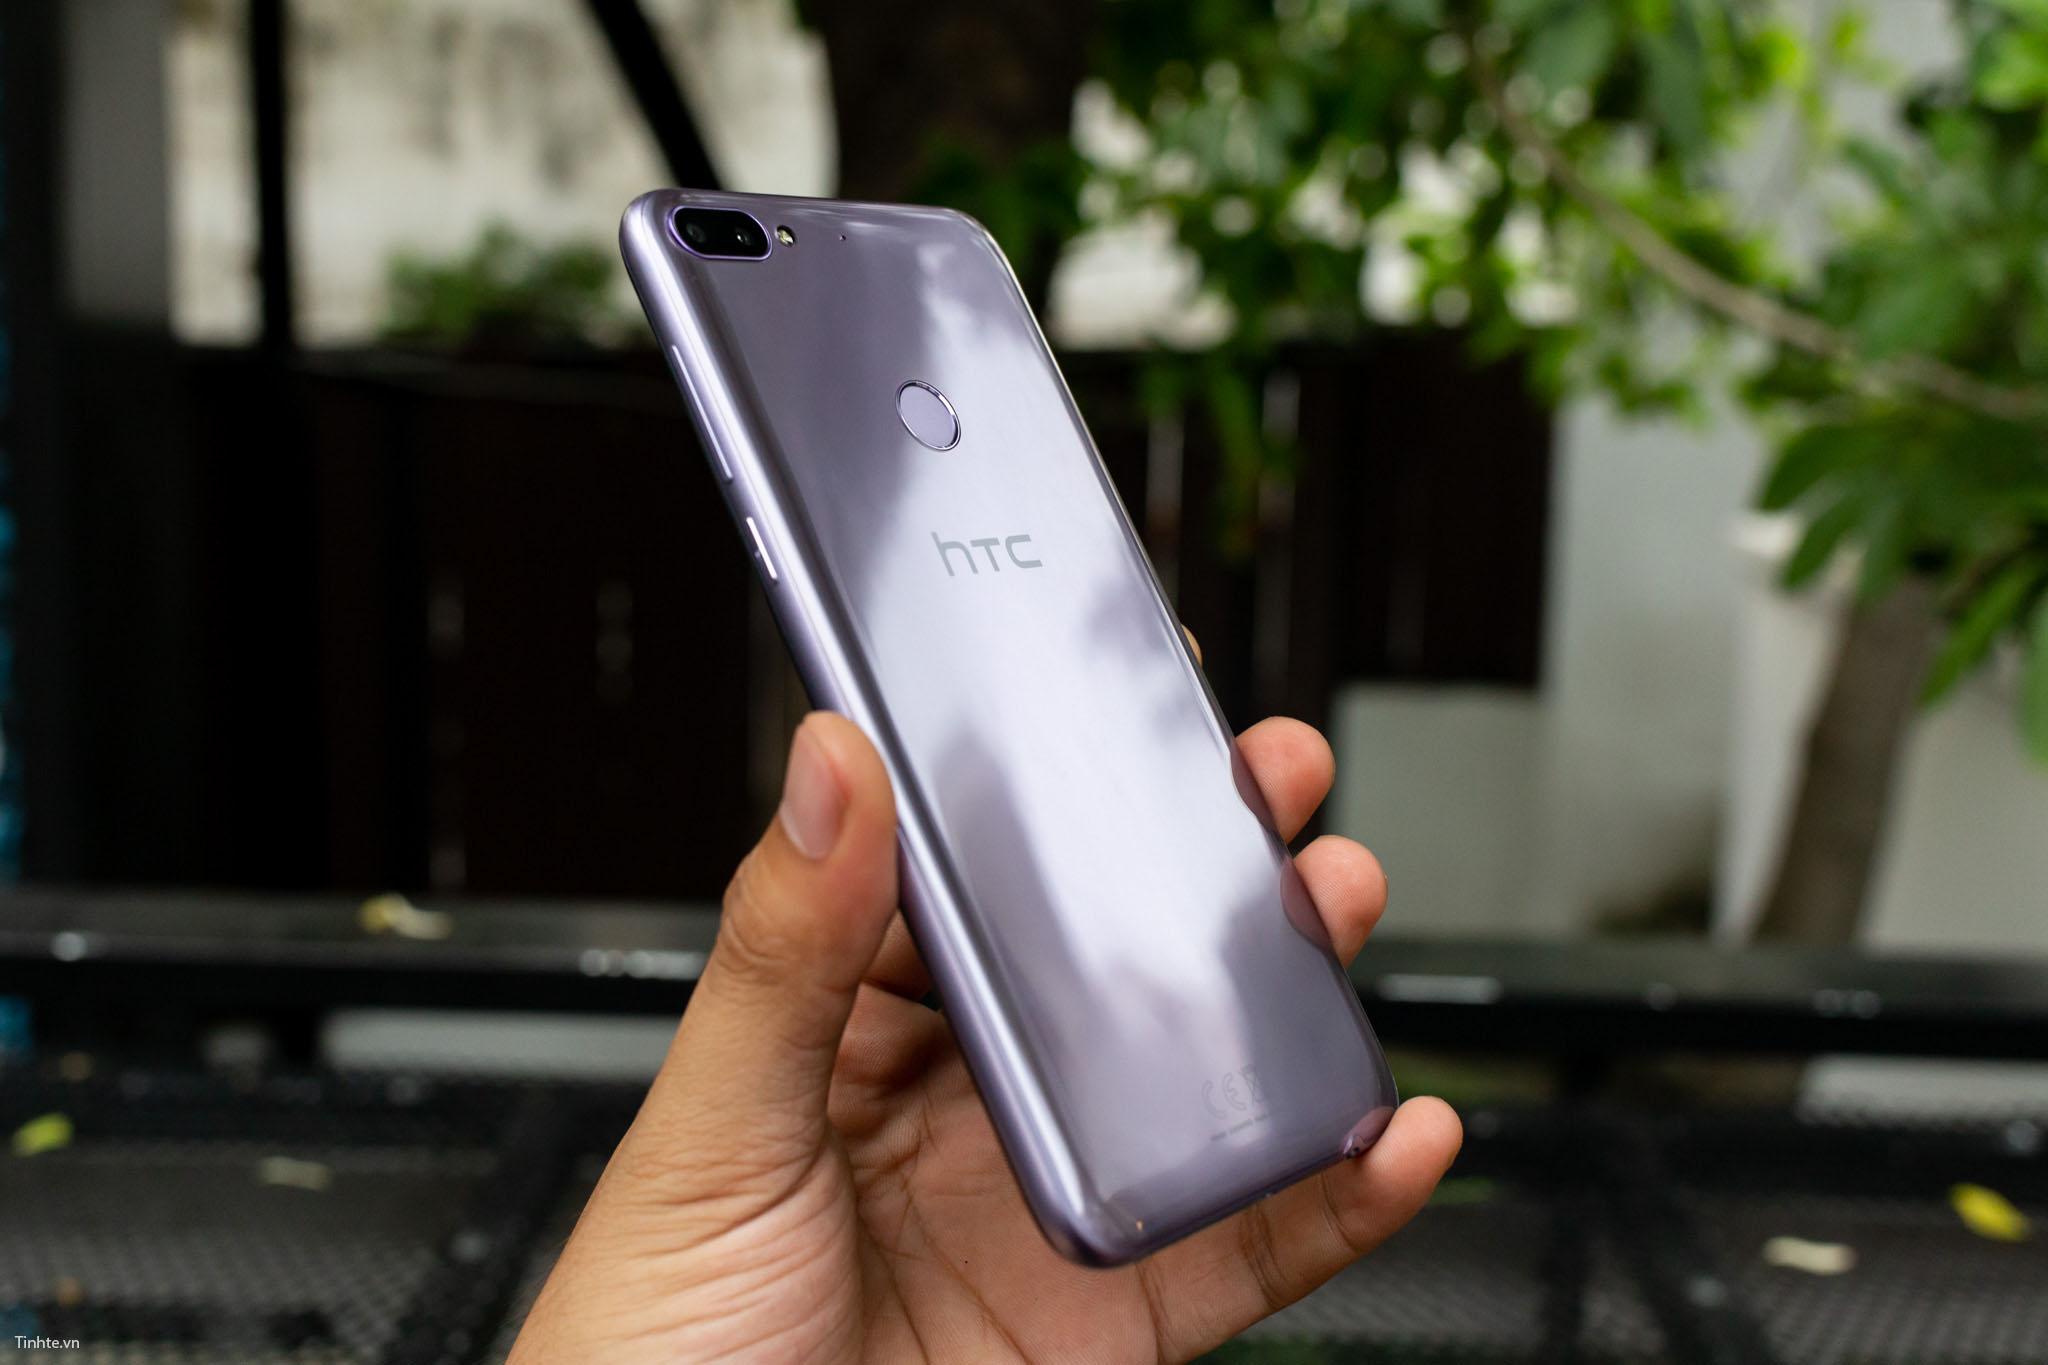 Tinhte.vn_HTC_Desire_12+-4.jpg